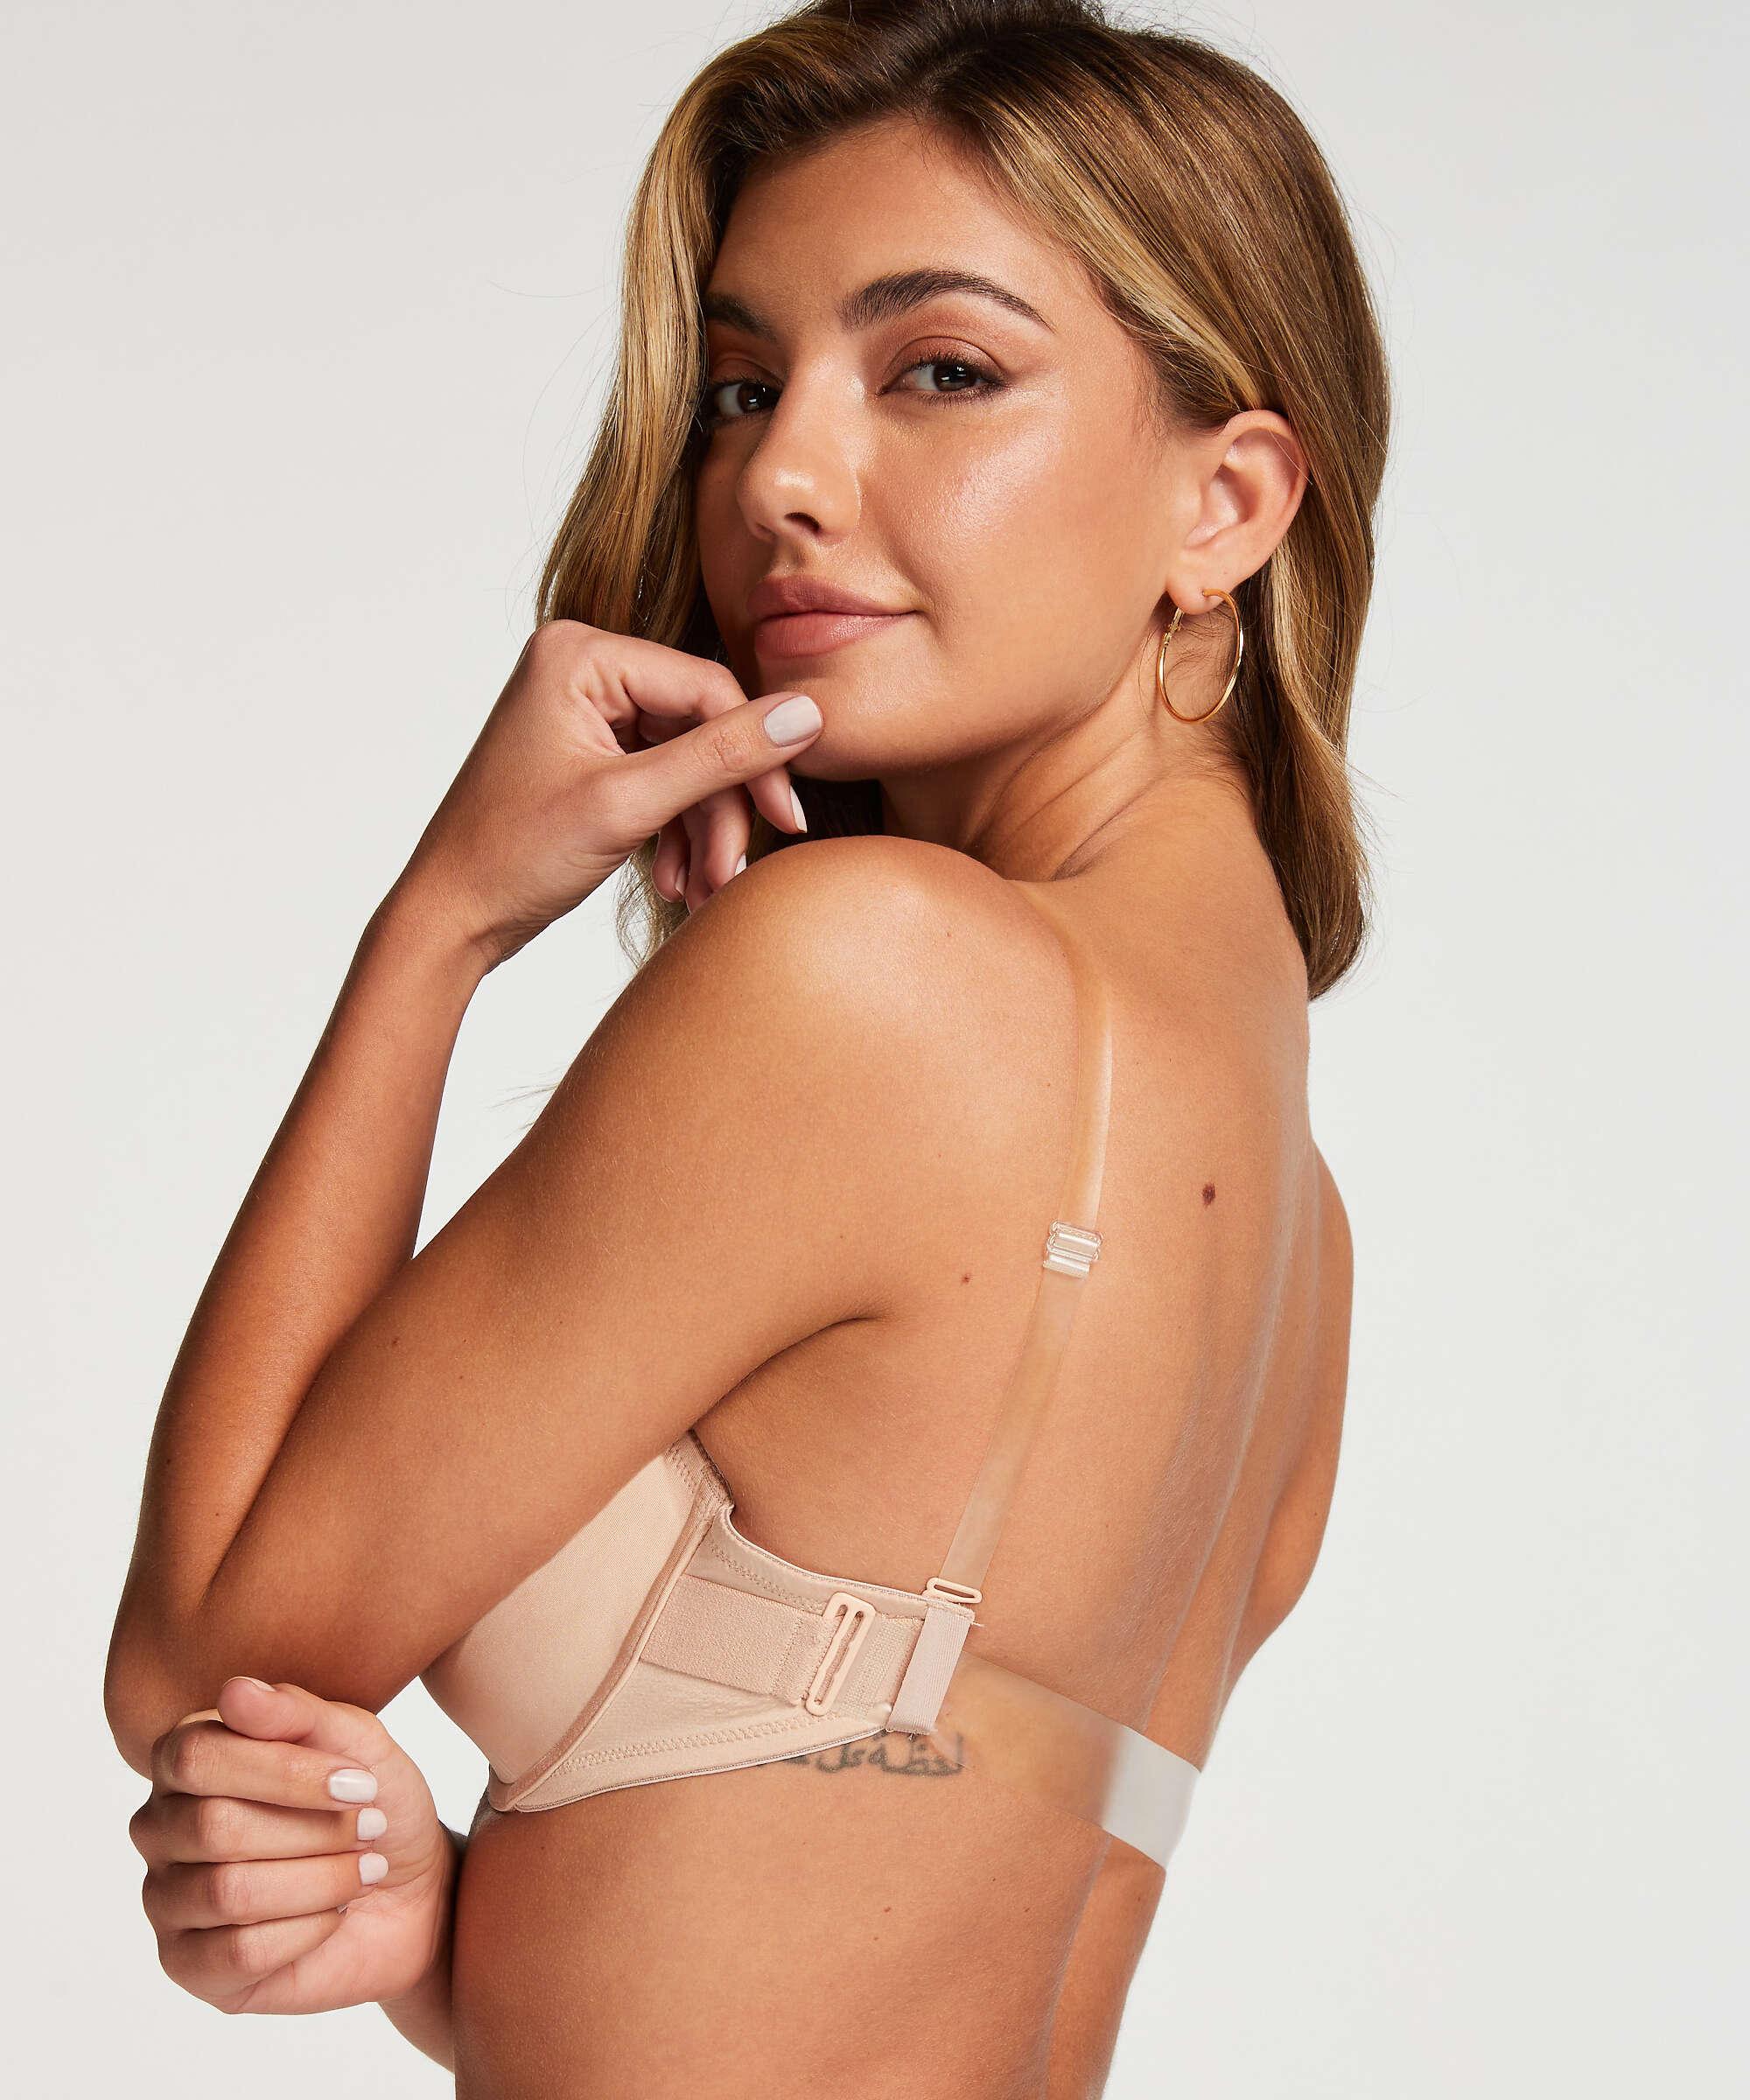 Vorgeformter Bügel BH, transparant back, Beige, main